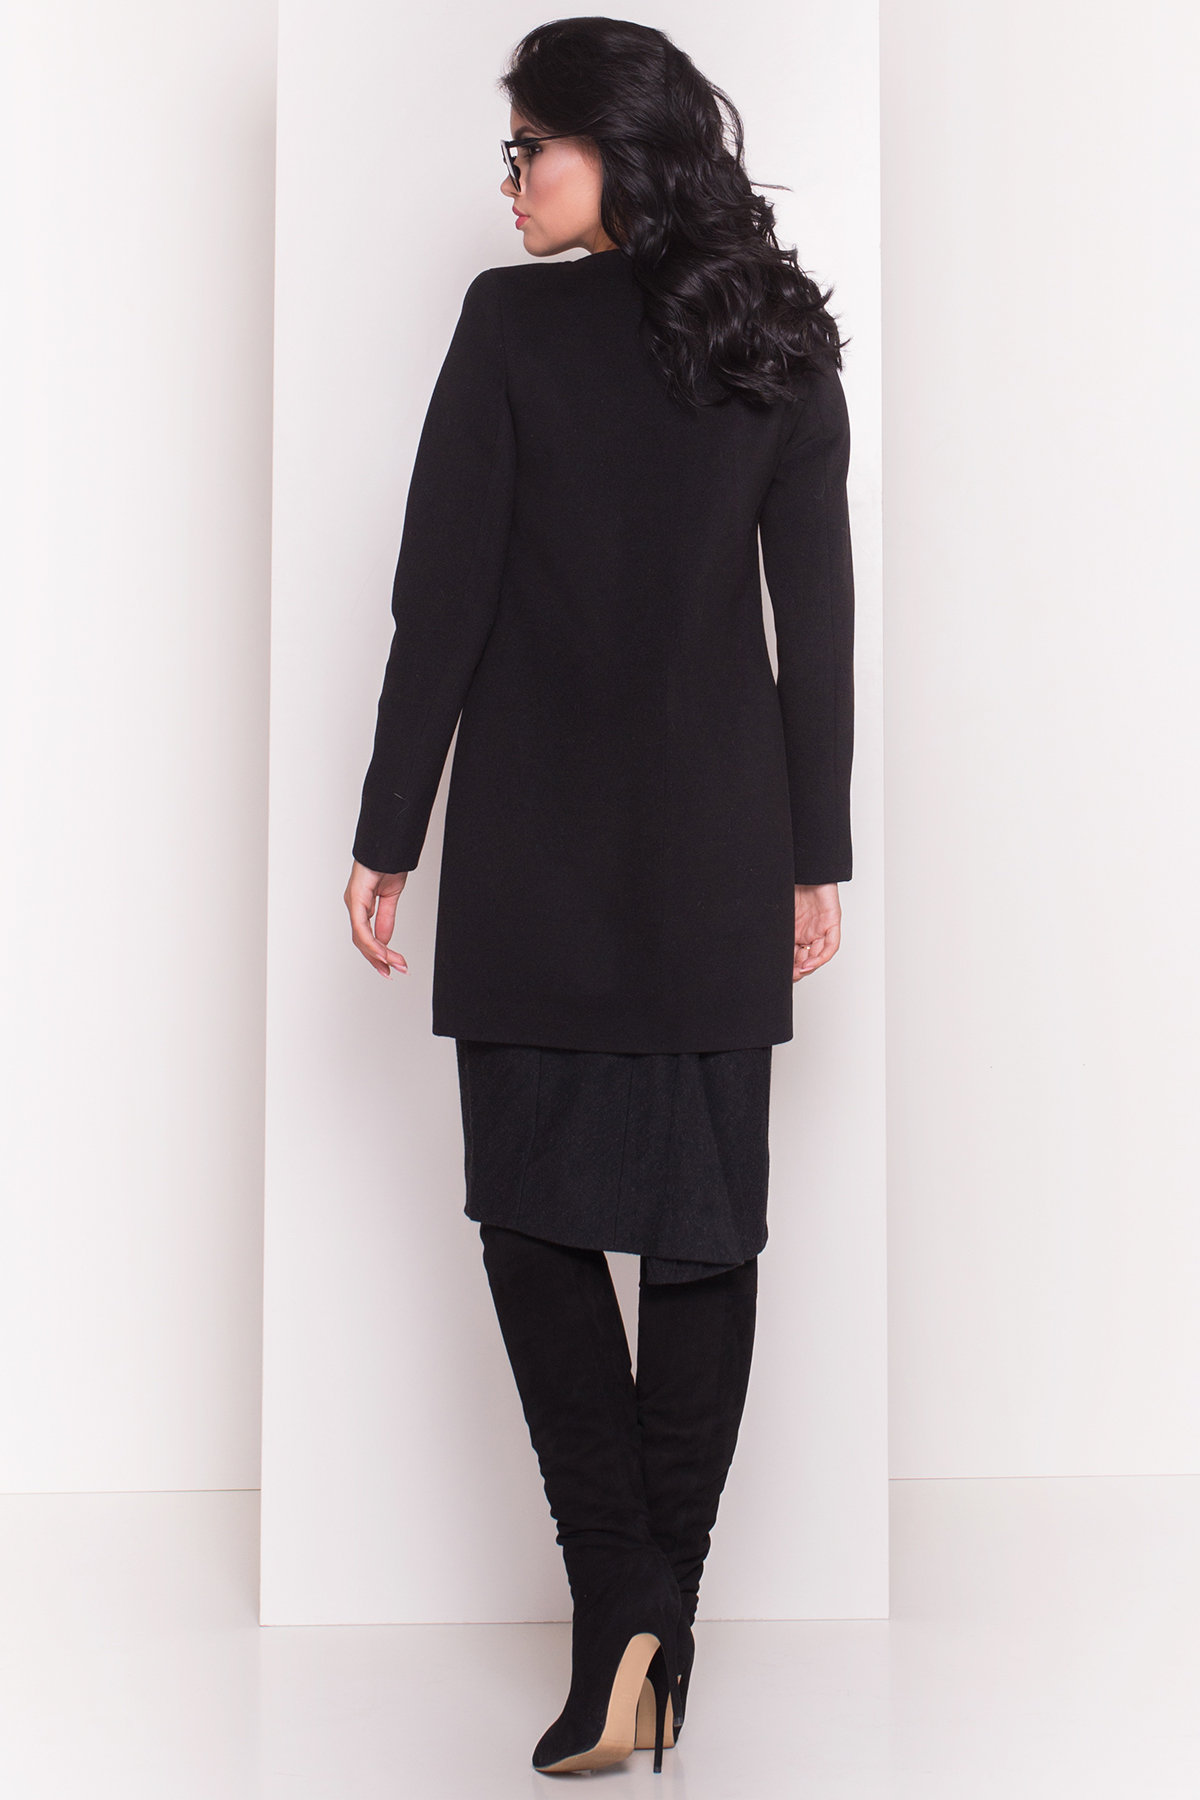 Пальто Фортуна 4812 АРТ. 6763 Цвет: Черный - фото 3, интернет магазин tm-modus.ru